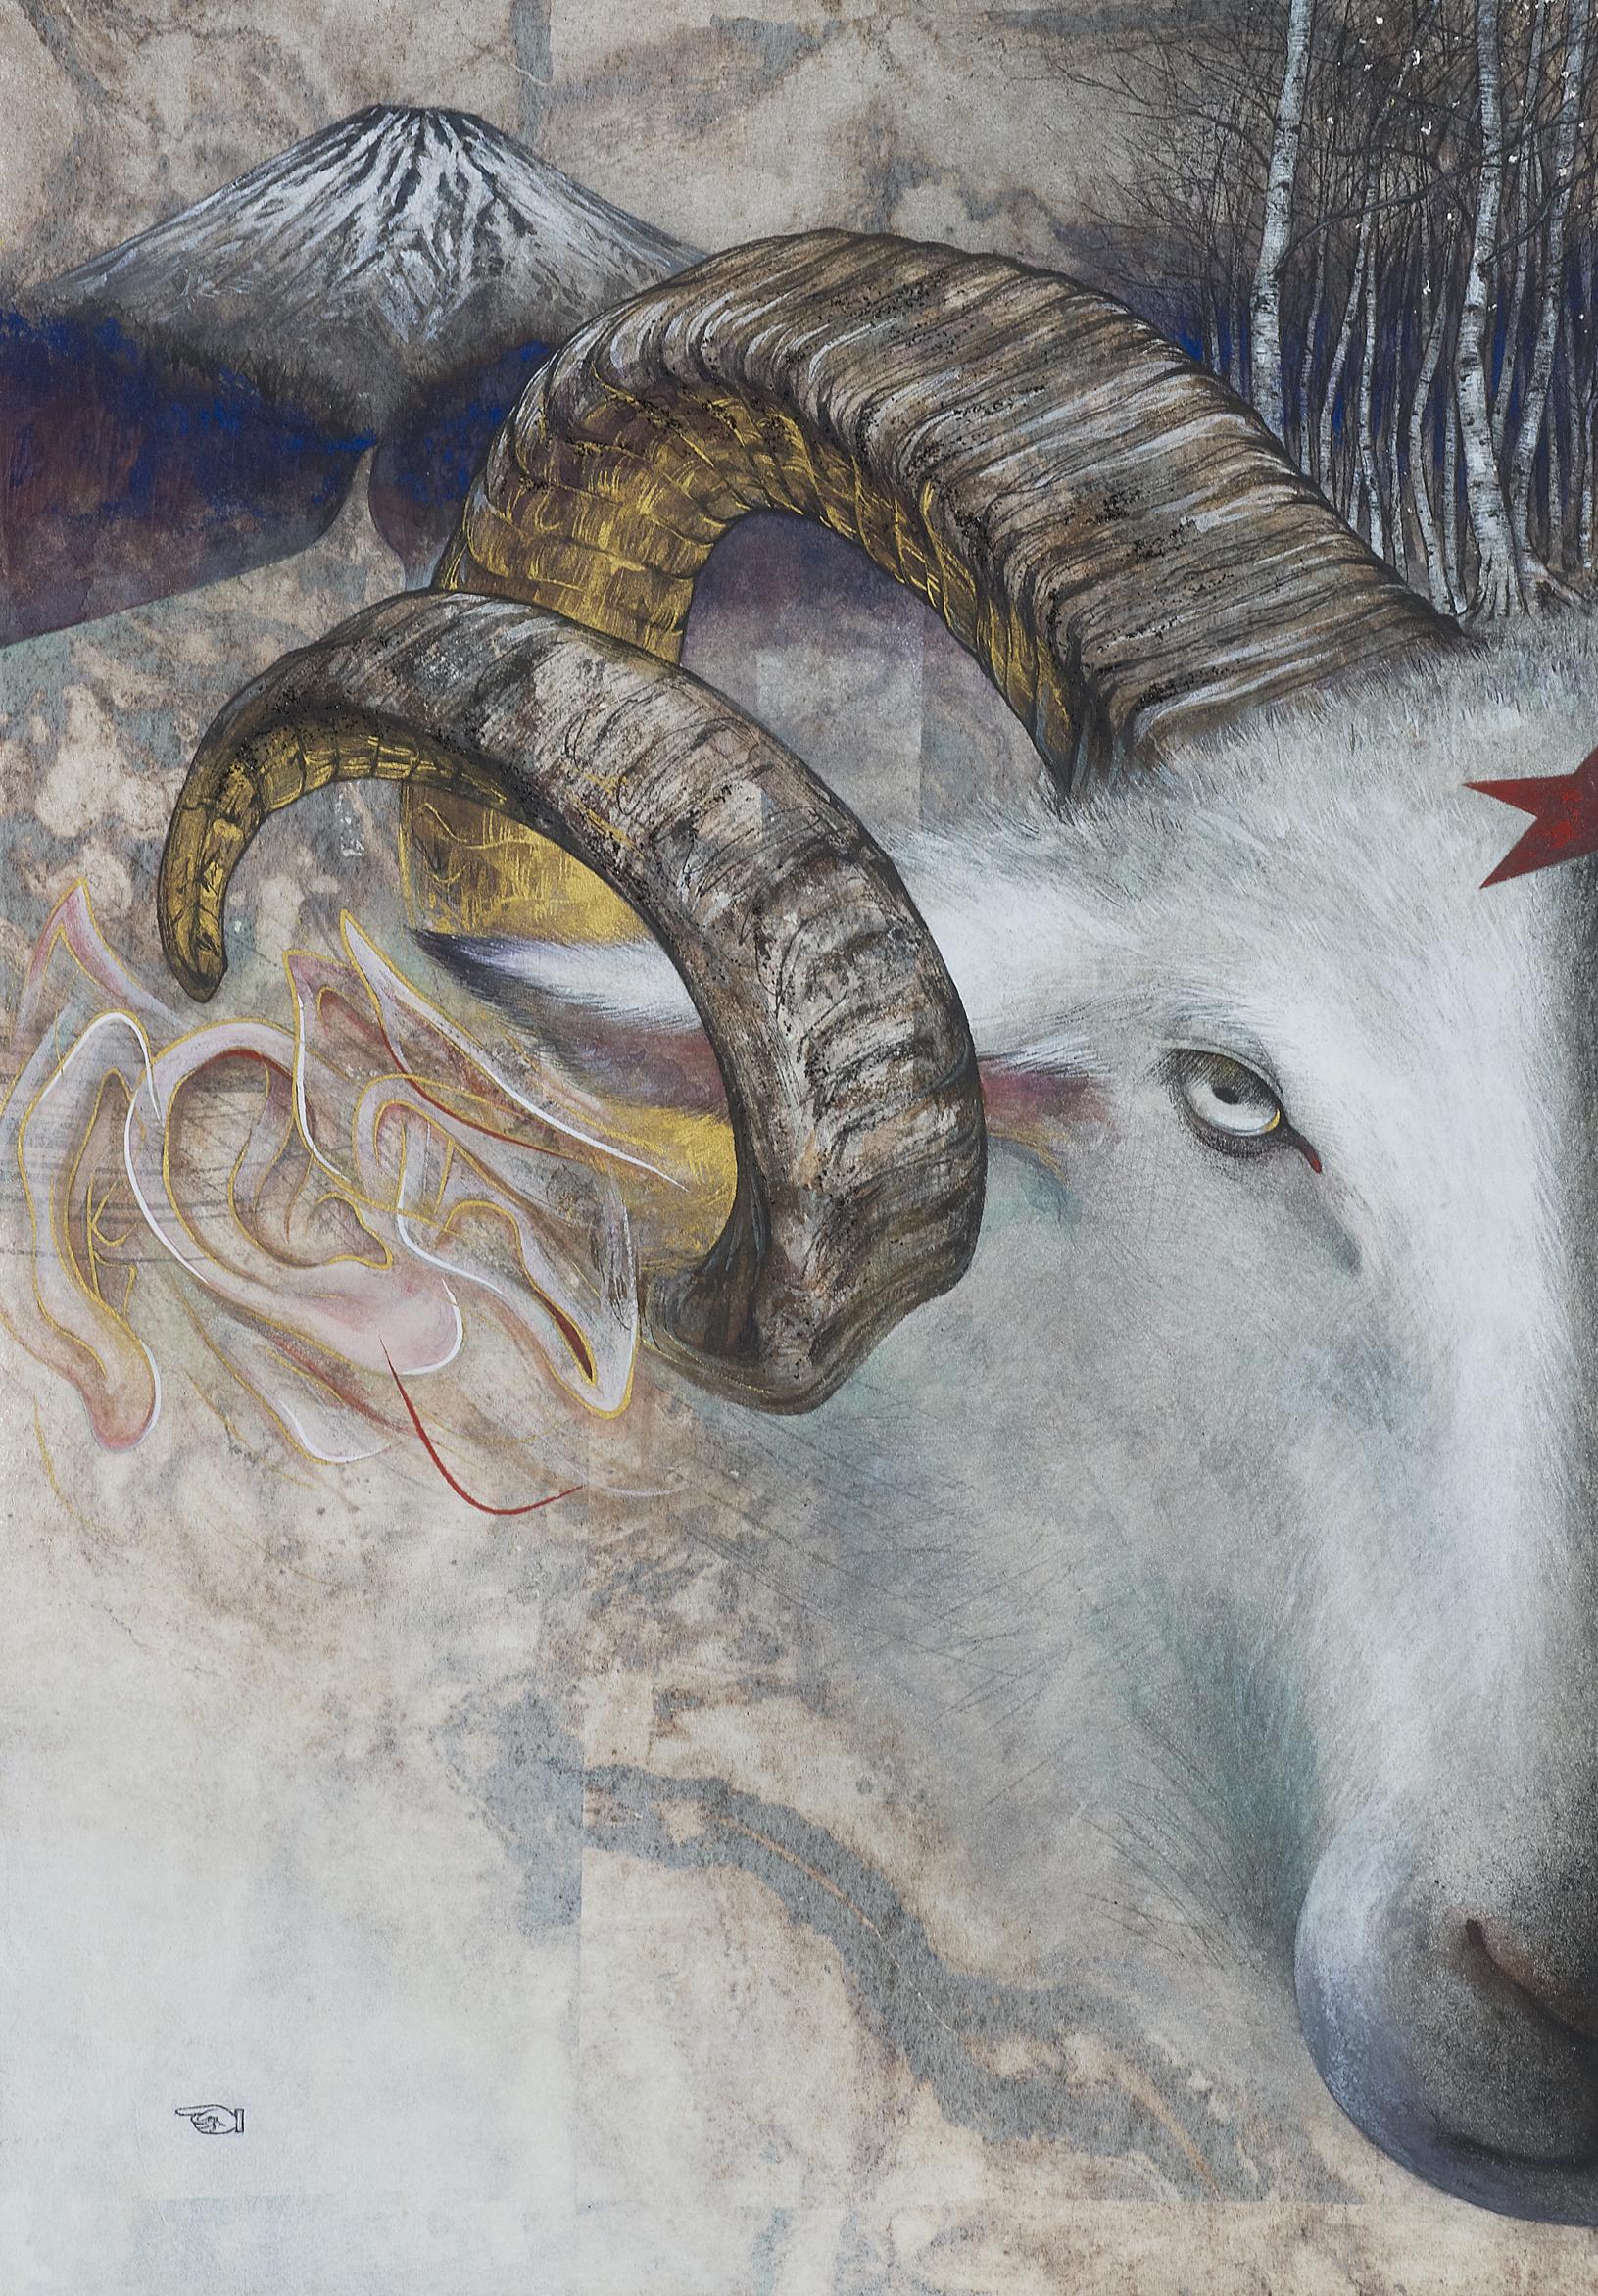 羊をめぐる冒険